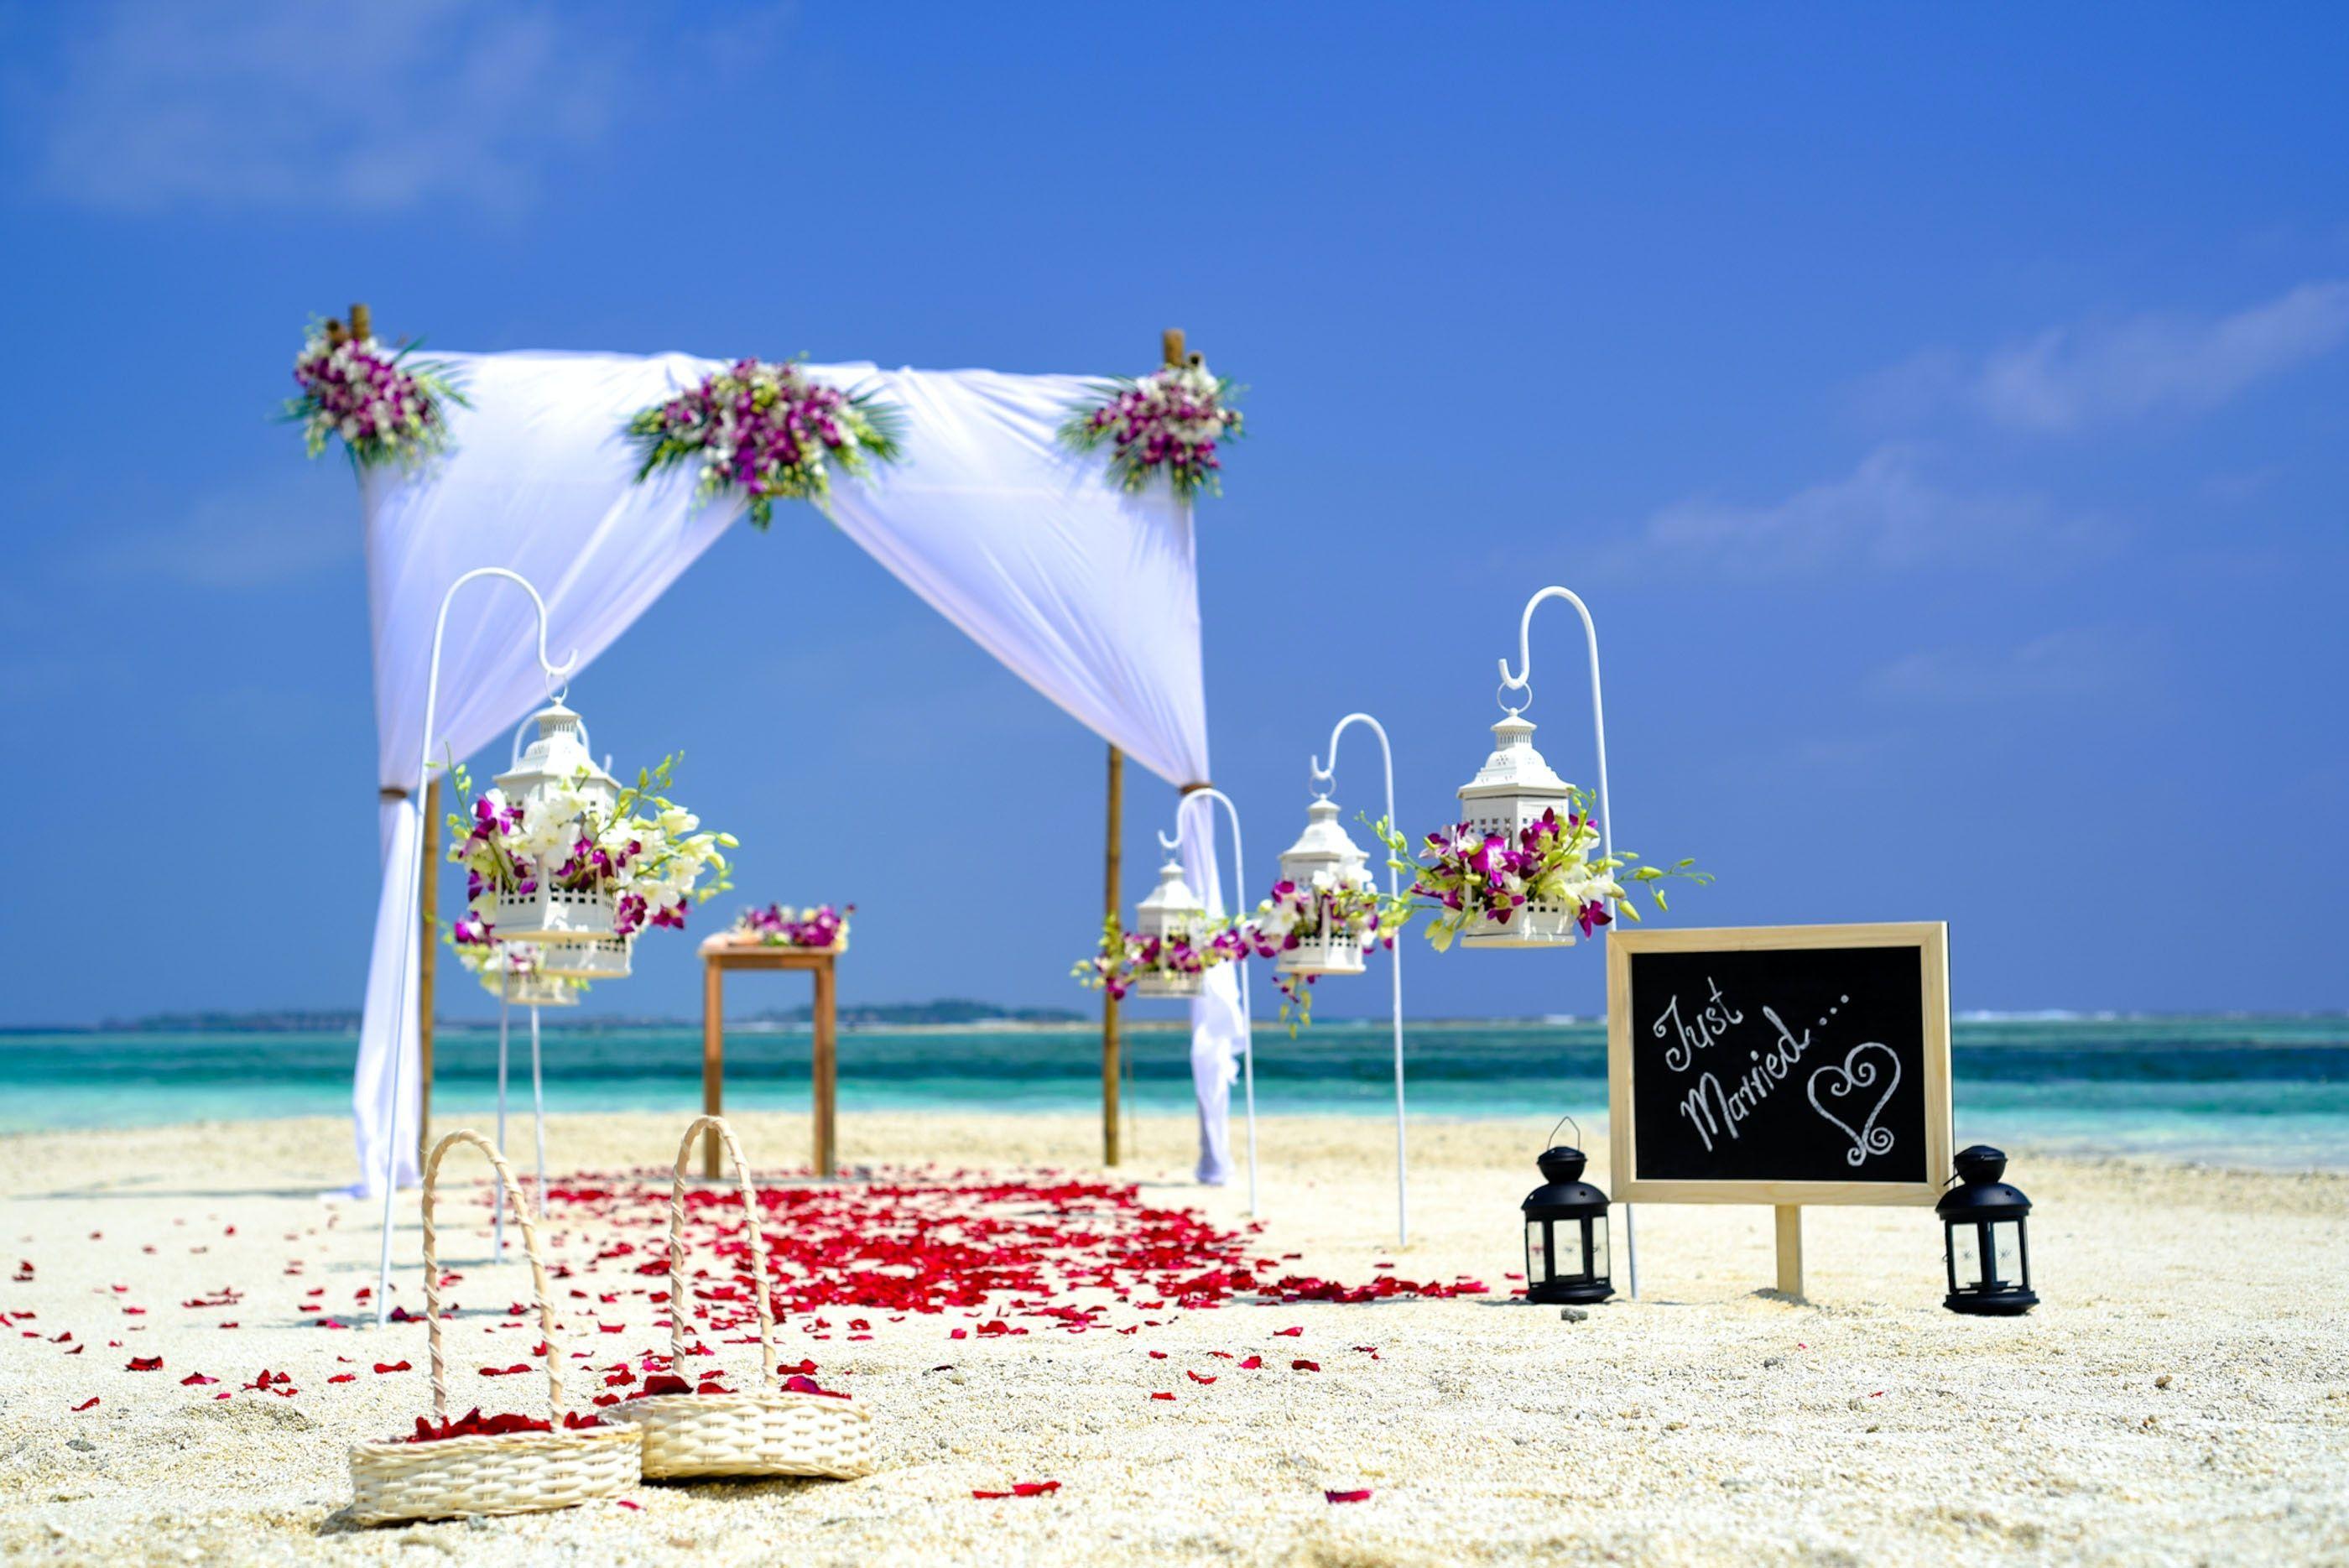 Beach Wedding Wallpapers - Top Free Beach Wedding Backgrounds -  WallpaperAccess